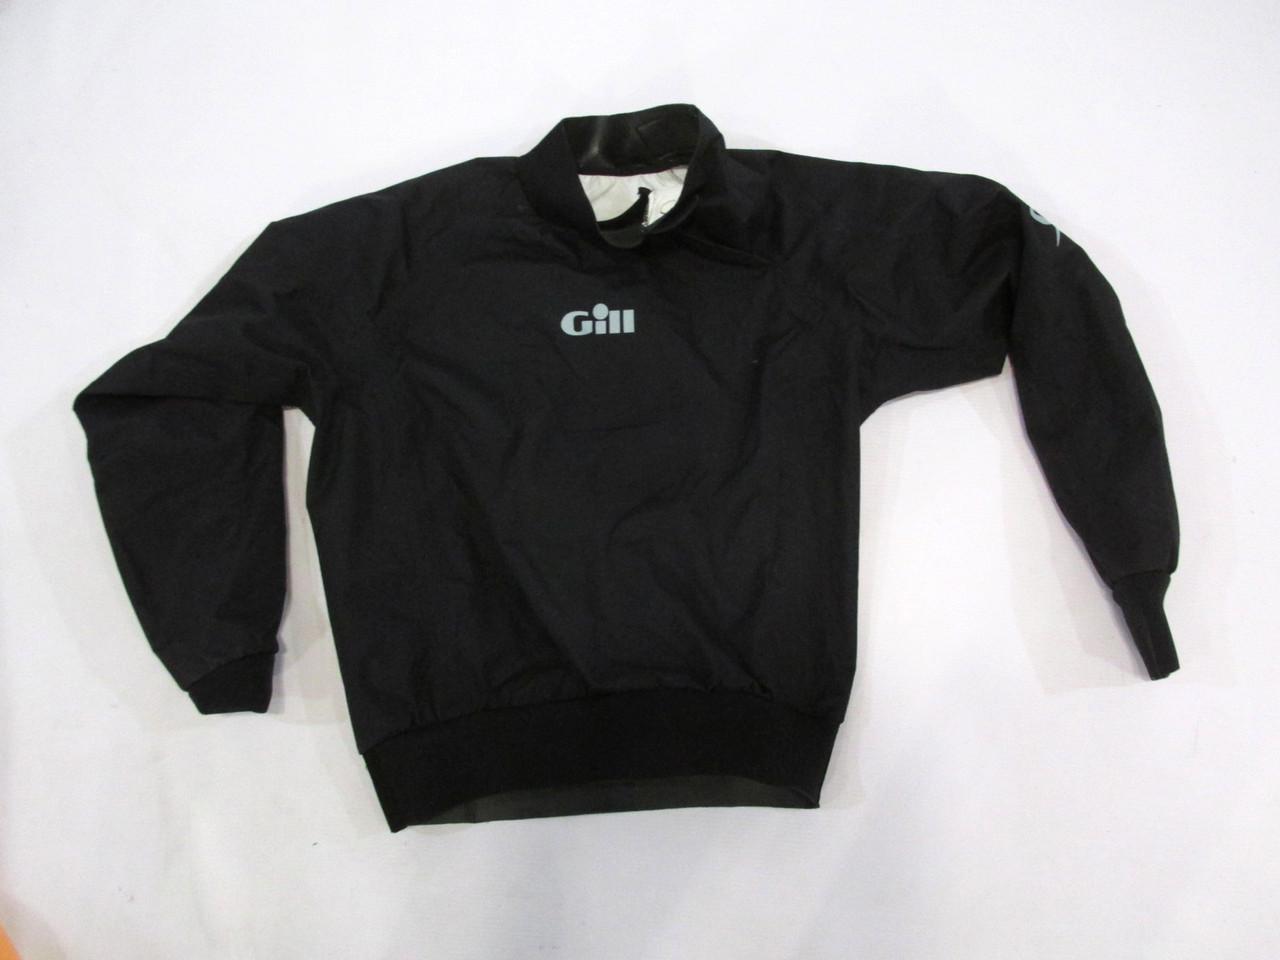 Куртка детская Gill, непромок. Непродув. 143-149 см, Отл сост!